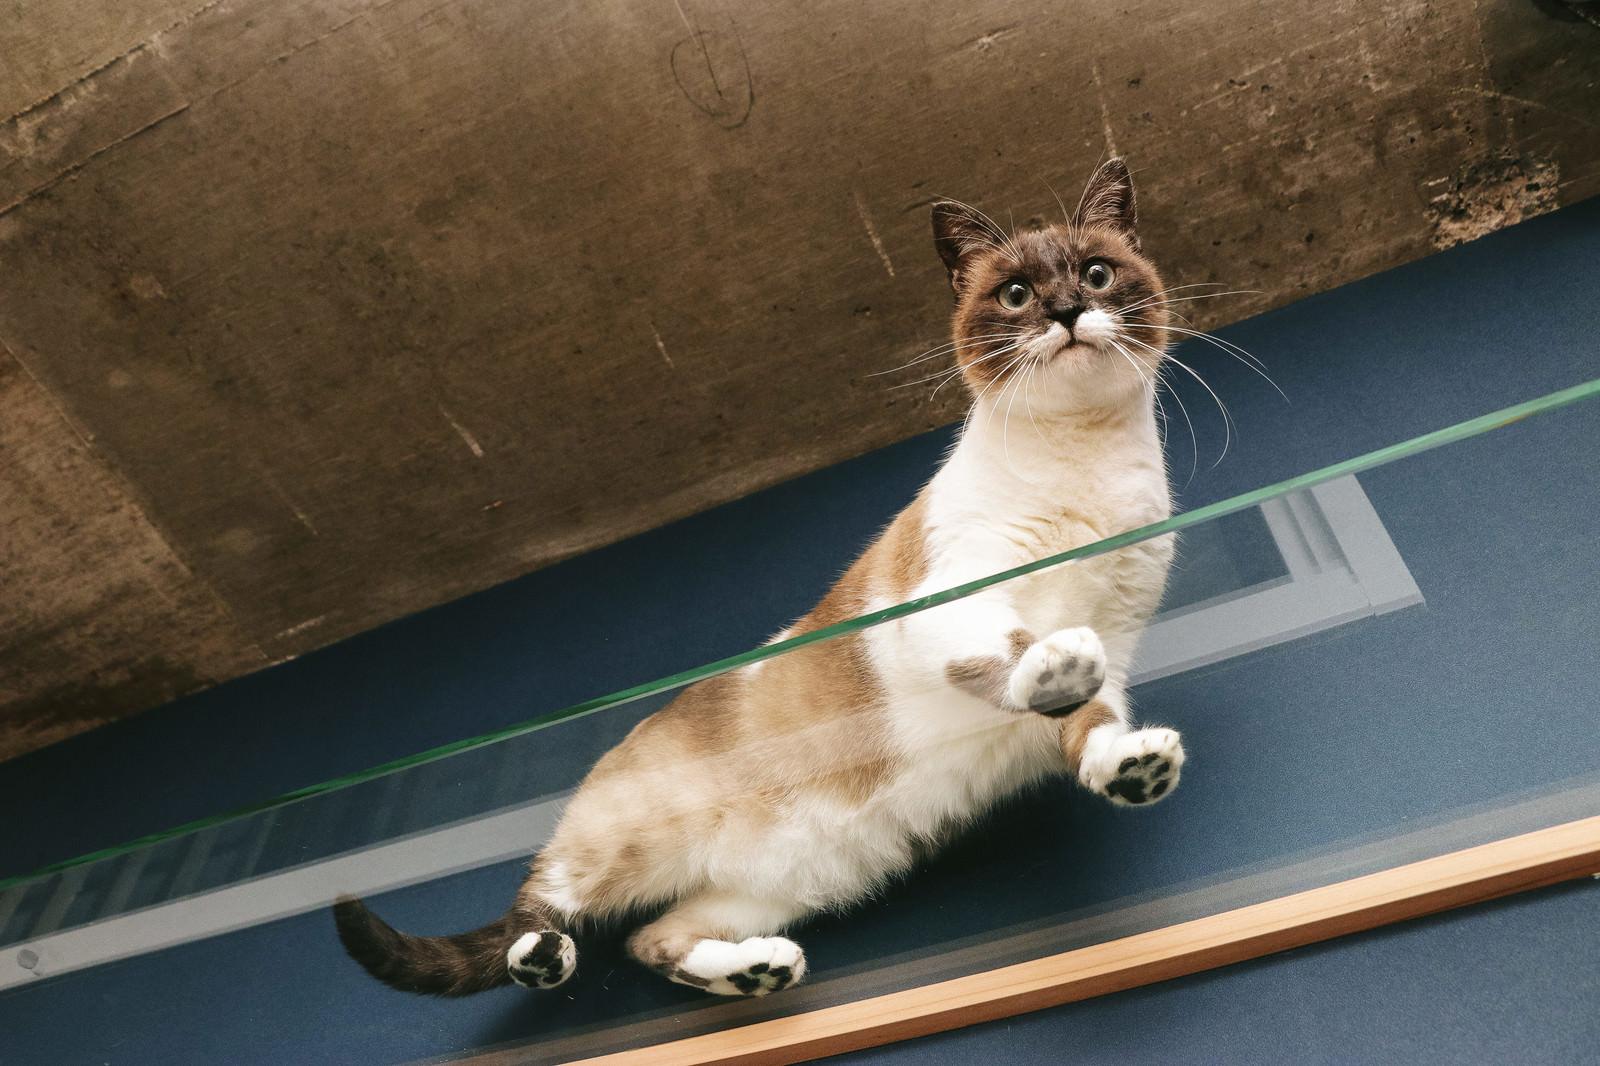 「猫の肉球が丸見え猫の肉球が丸見え」のフリー写真素材を拡大